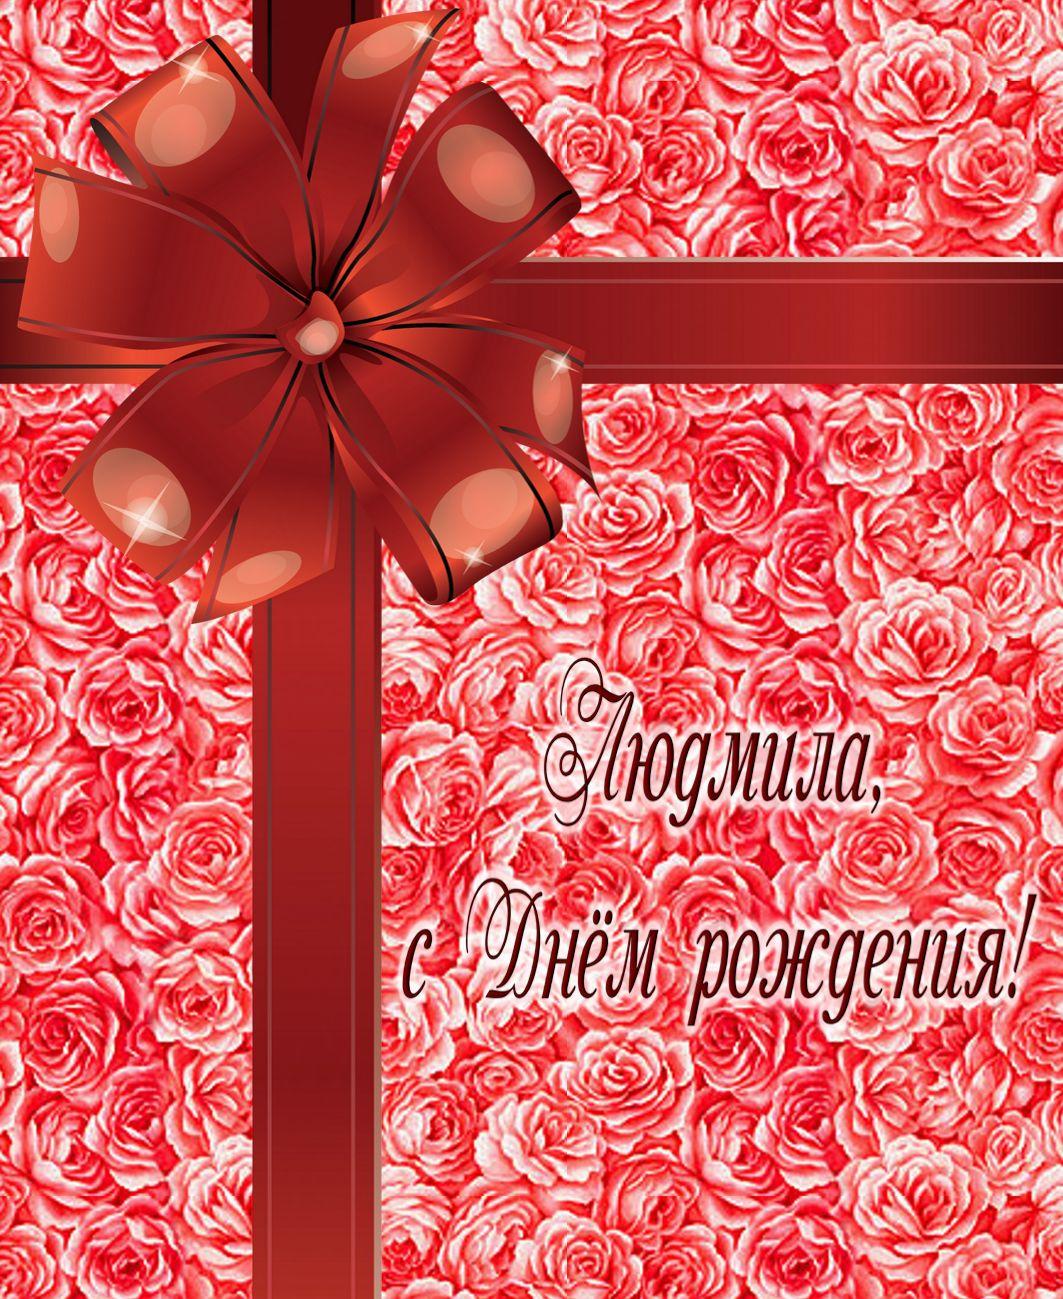 Открытка для Людмилы с фоном из роз